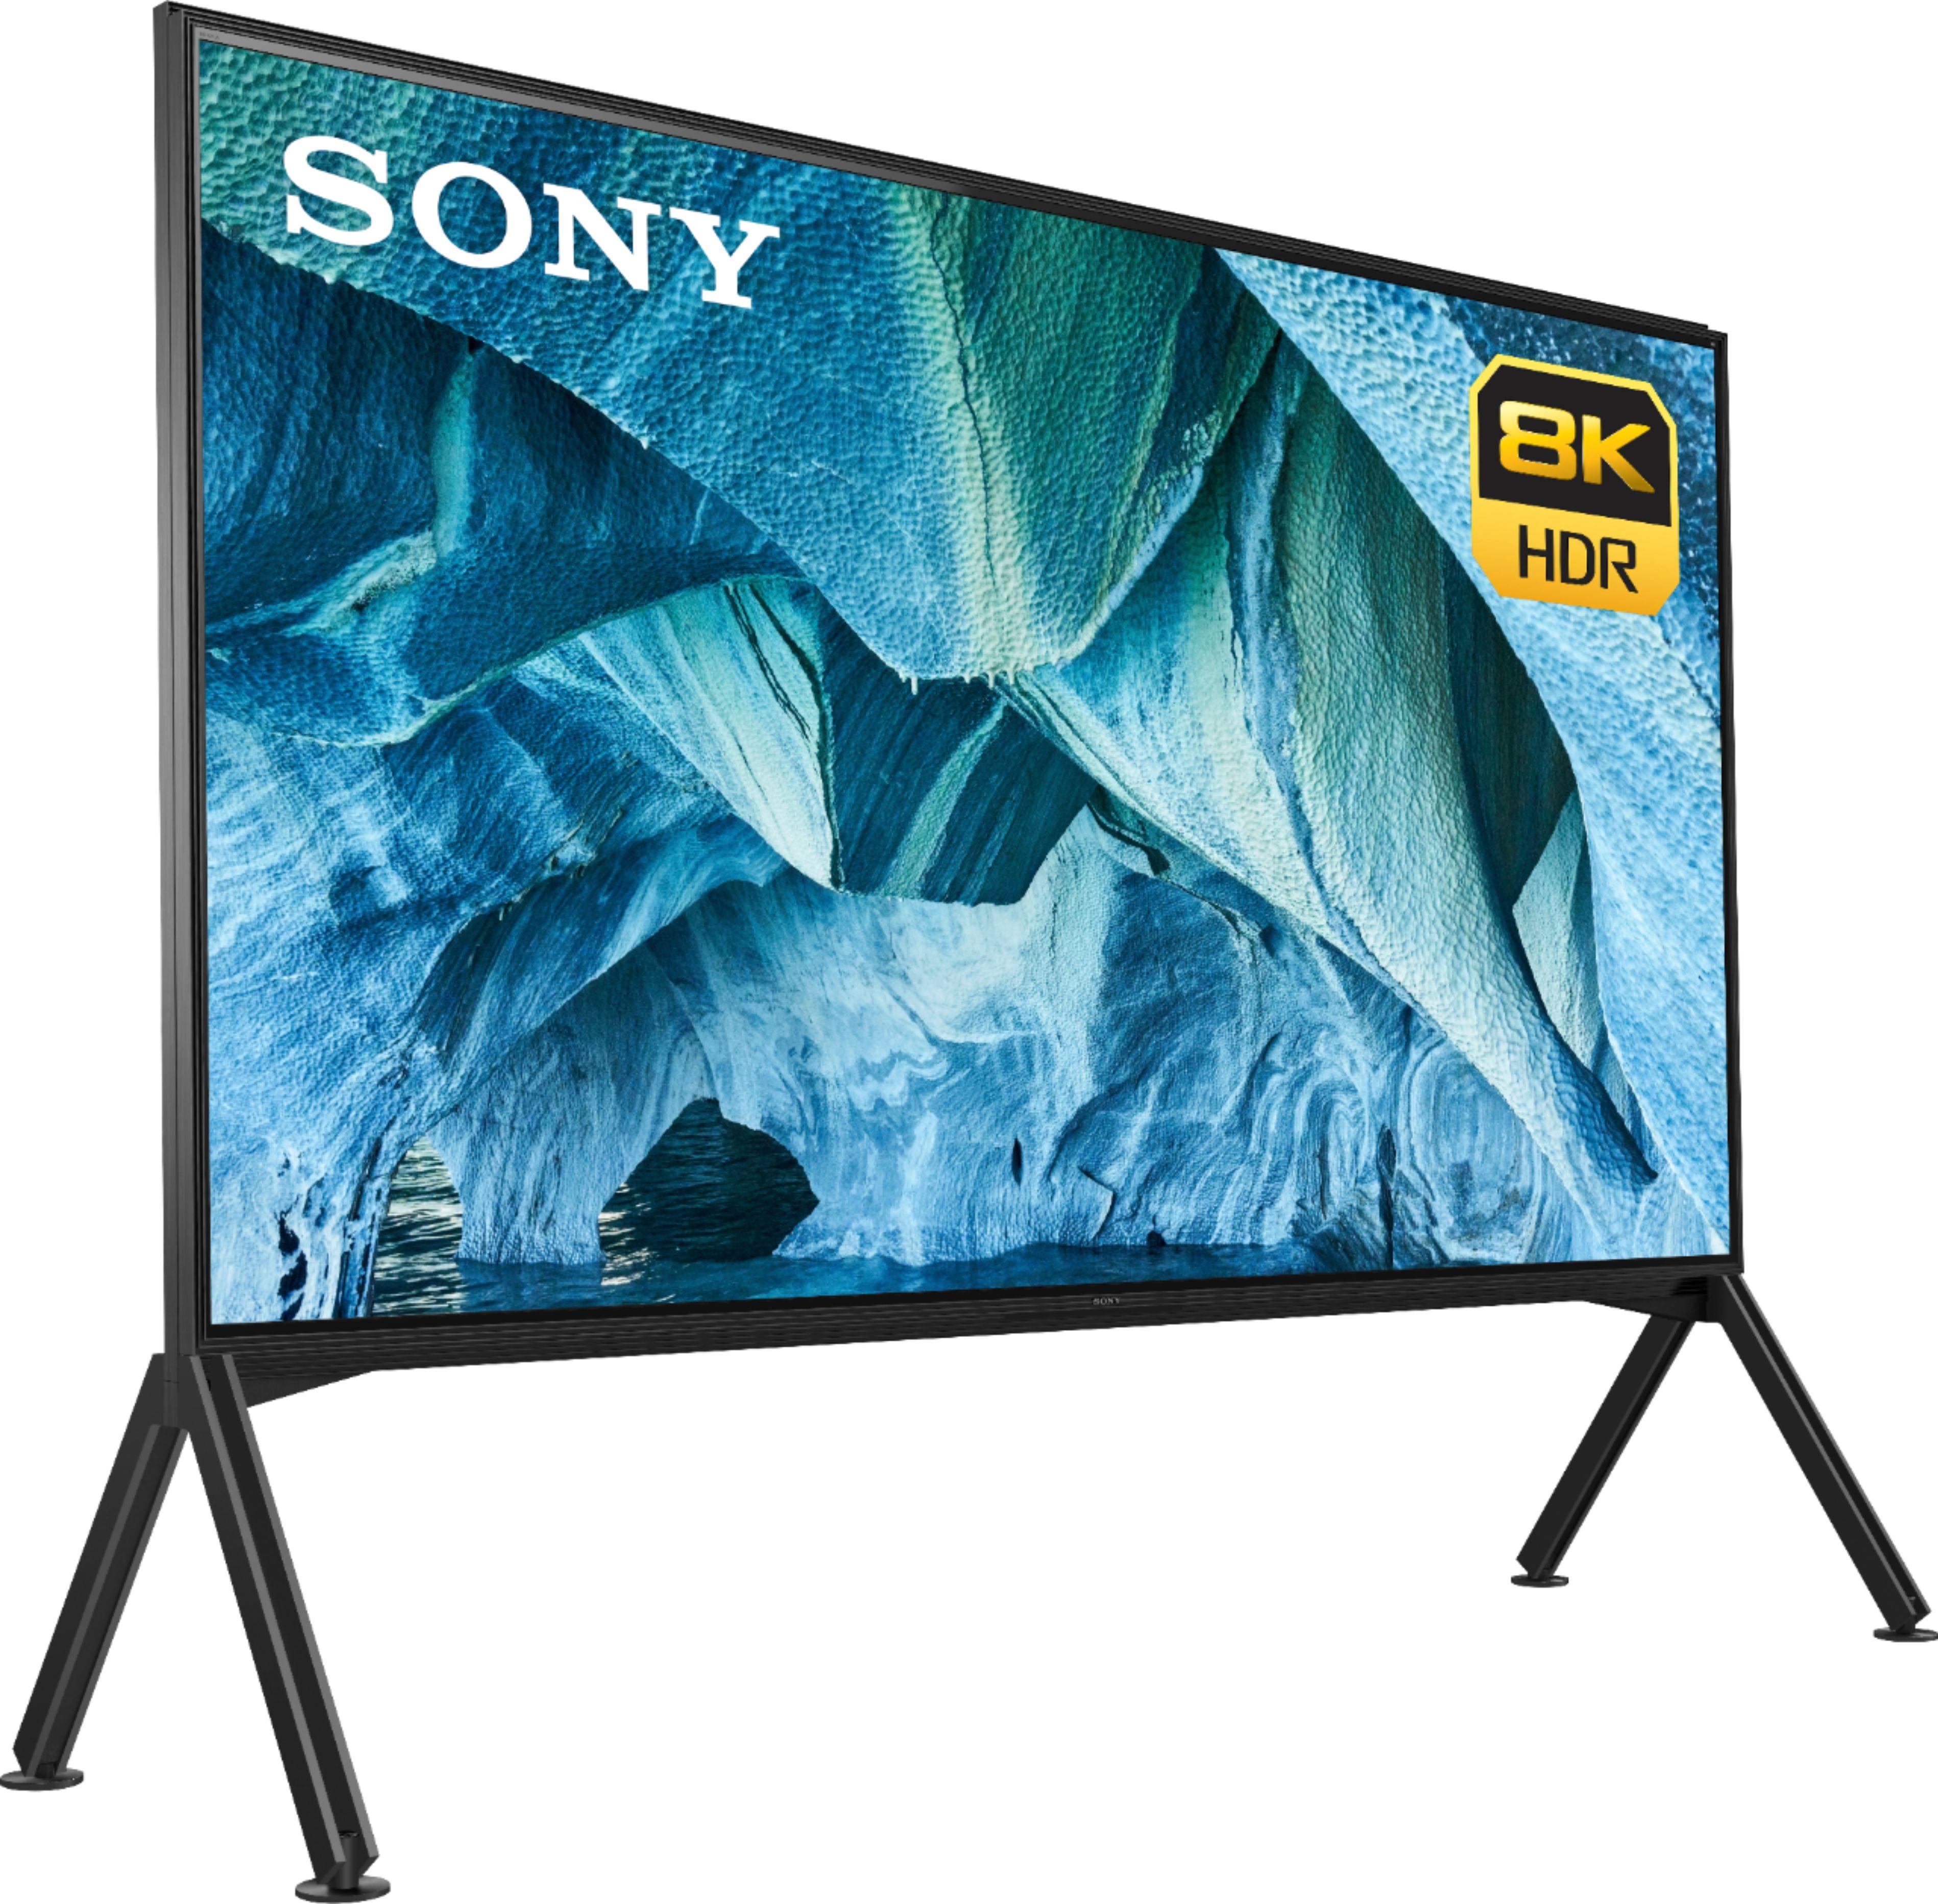 Sony XBR98Z9G angleImage